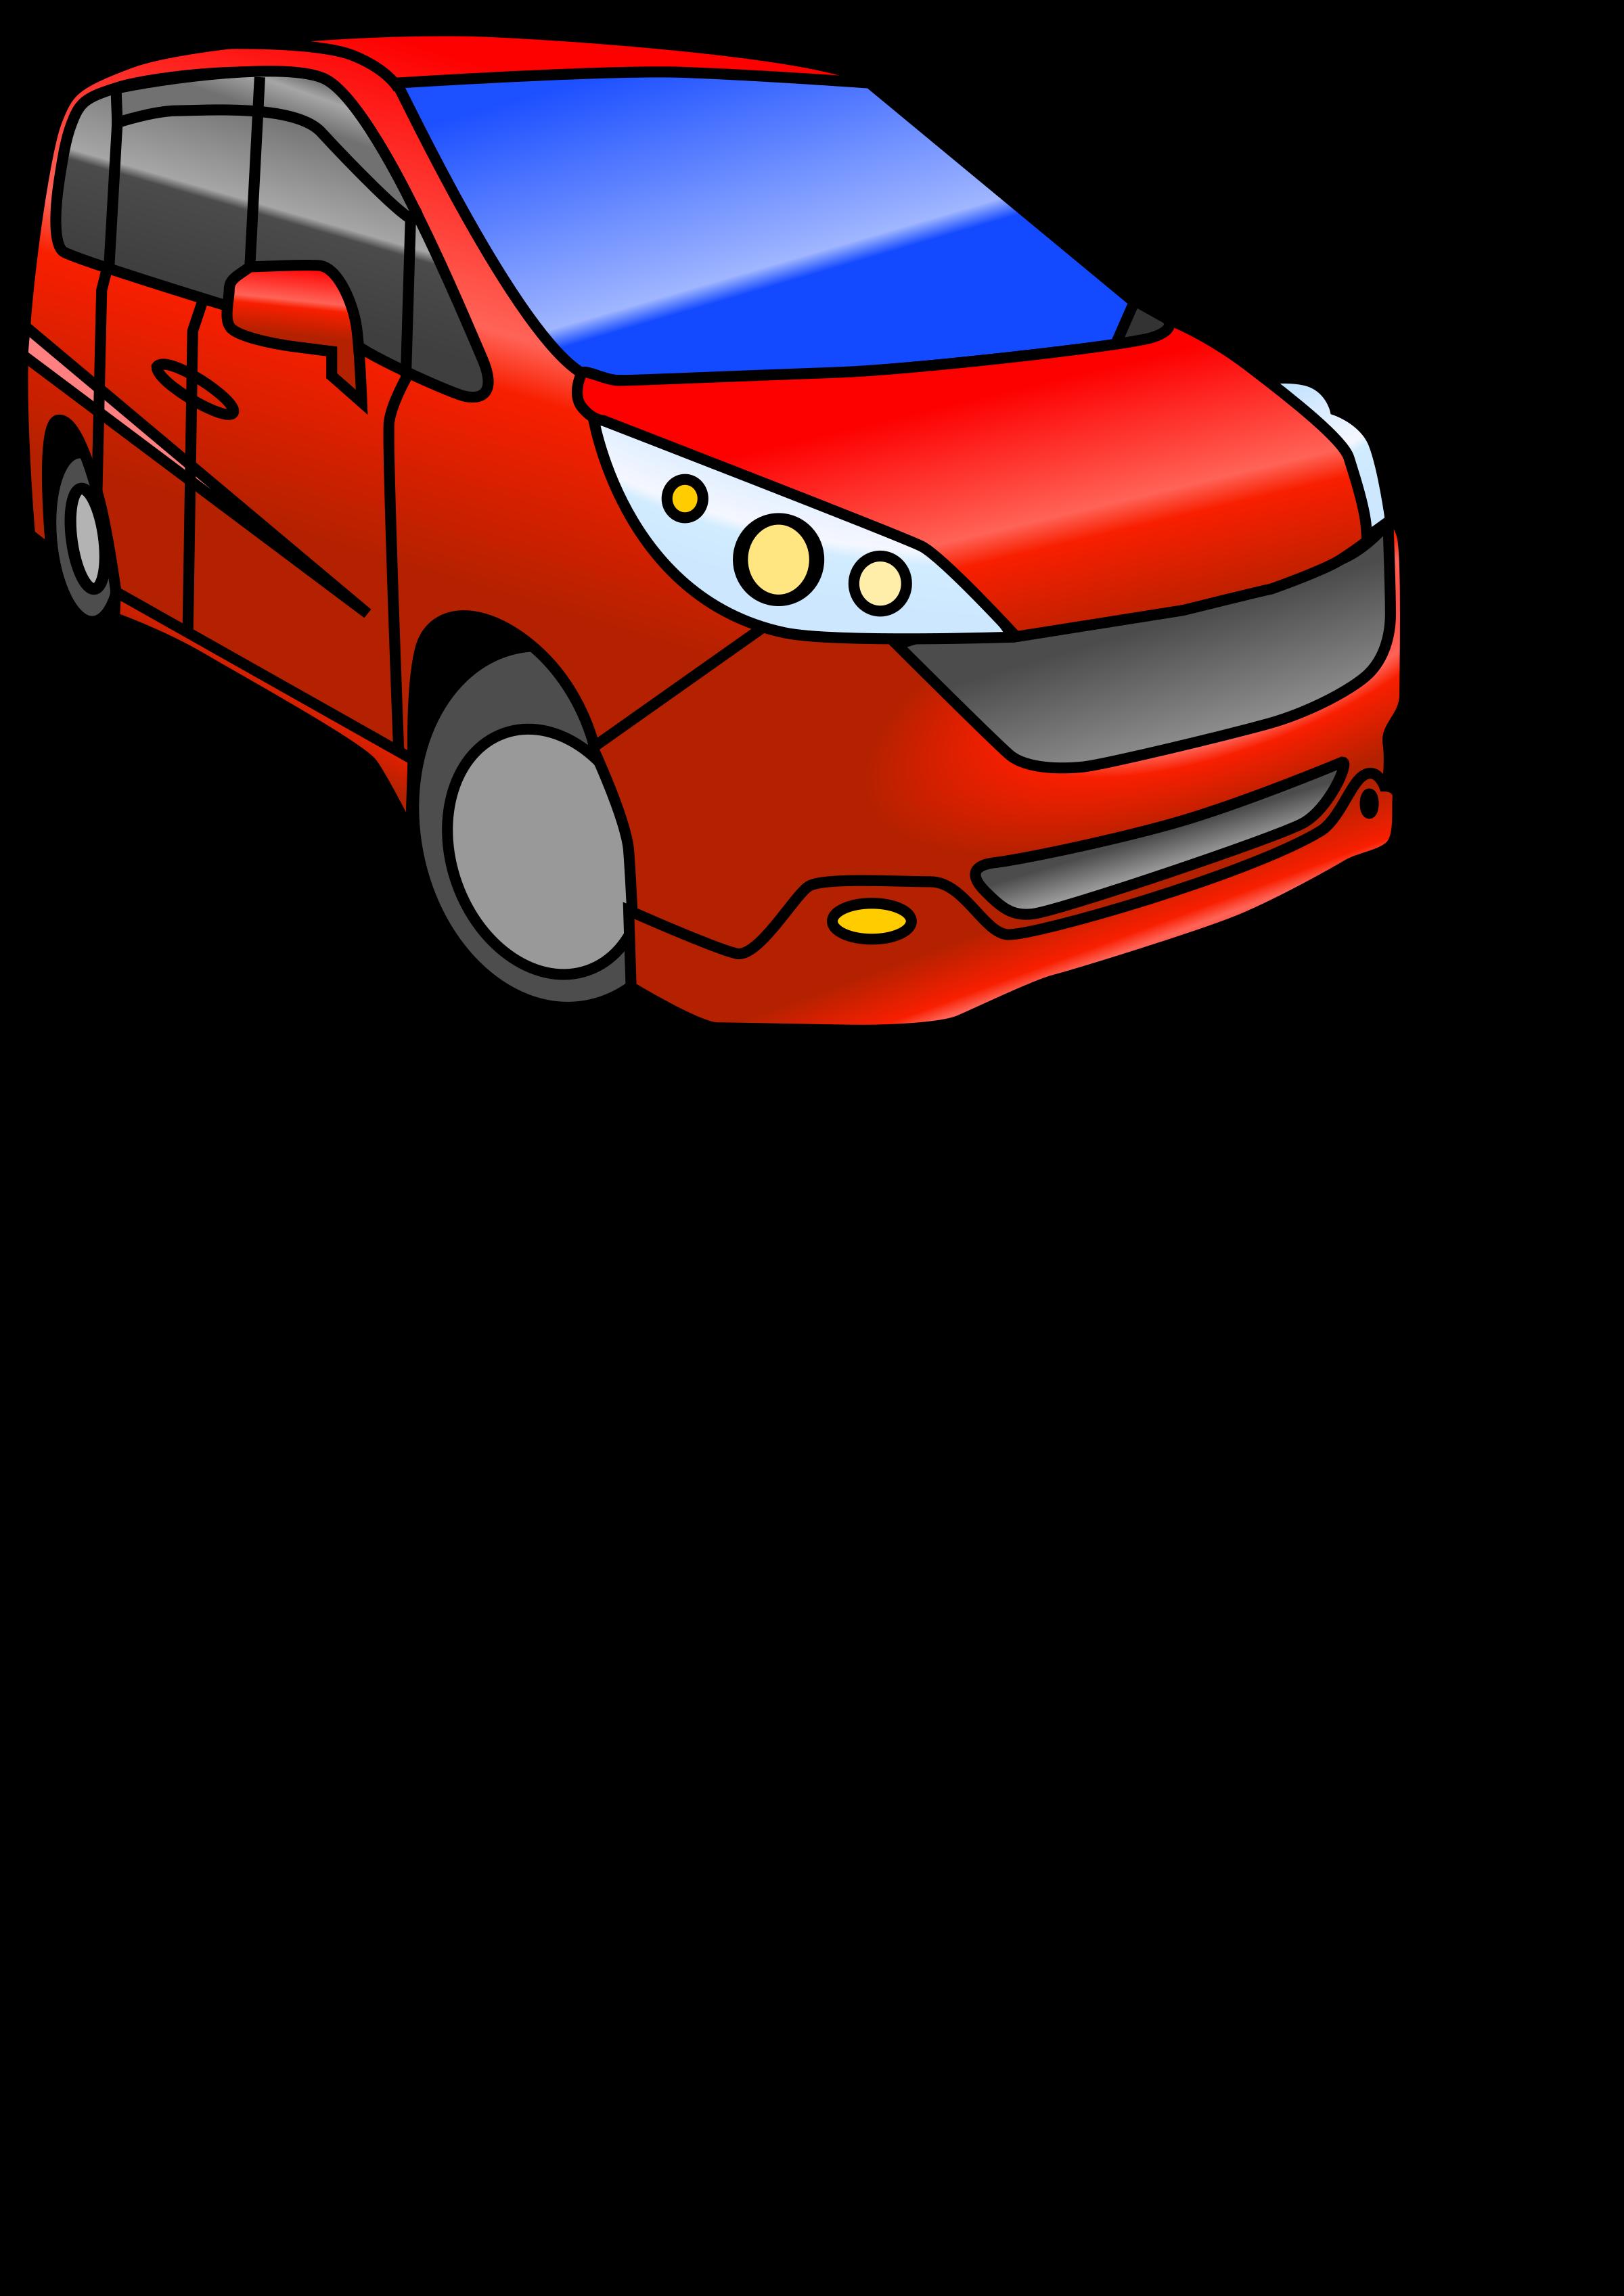 Minivan clipart hatchback. Automobile color big image